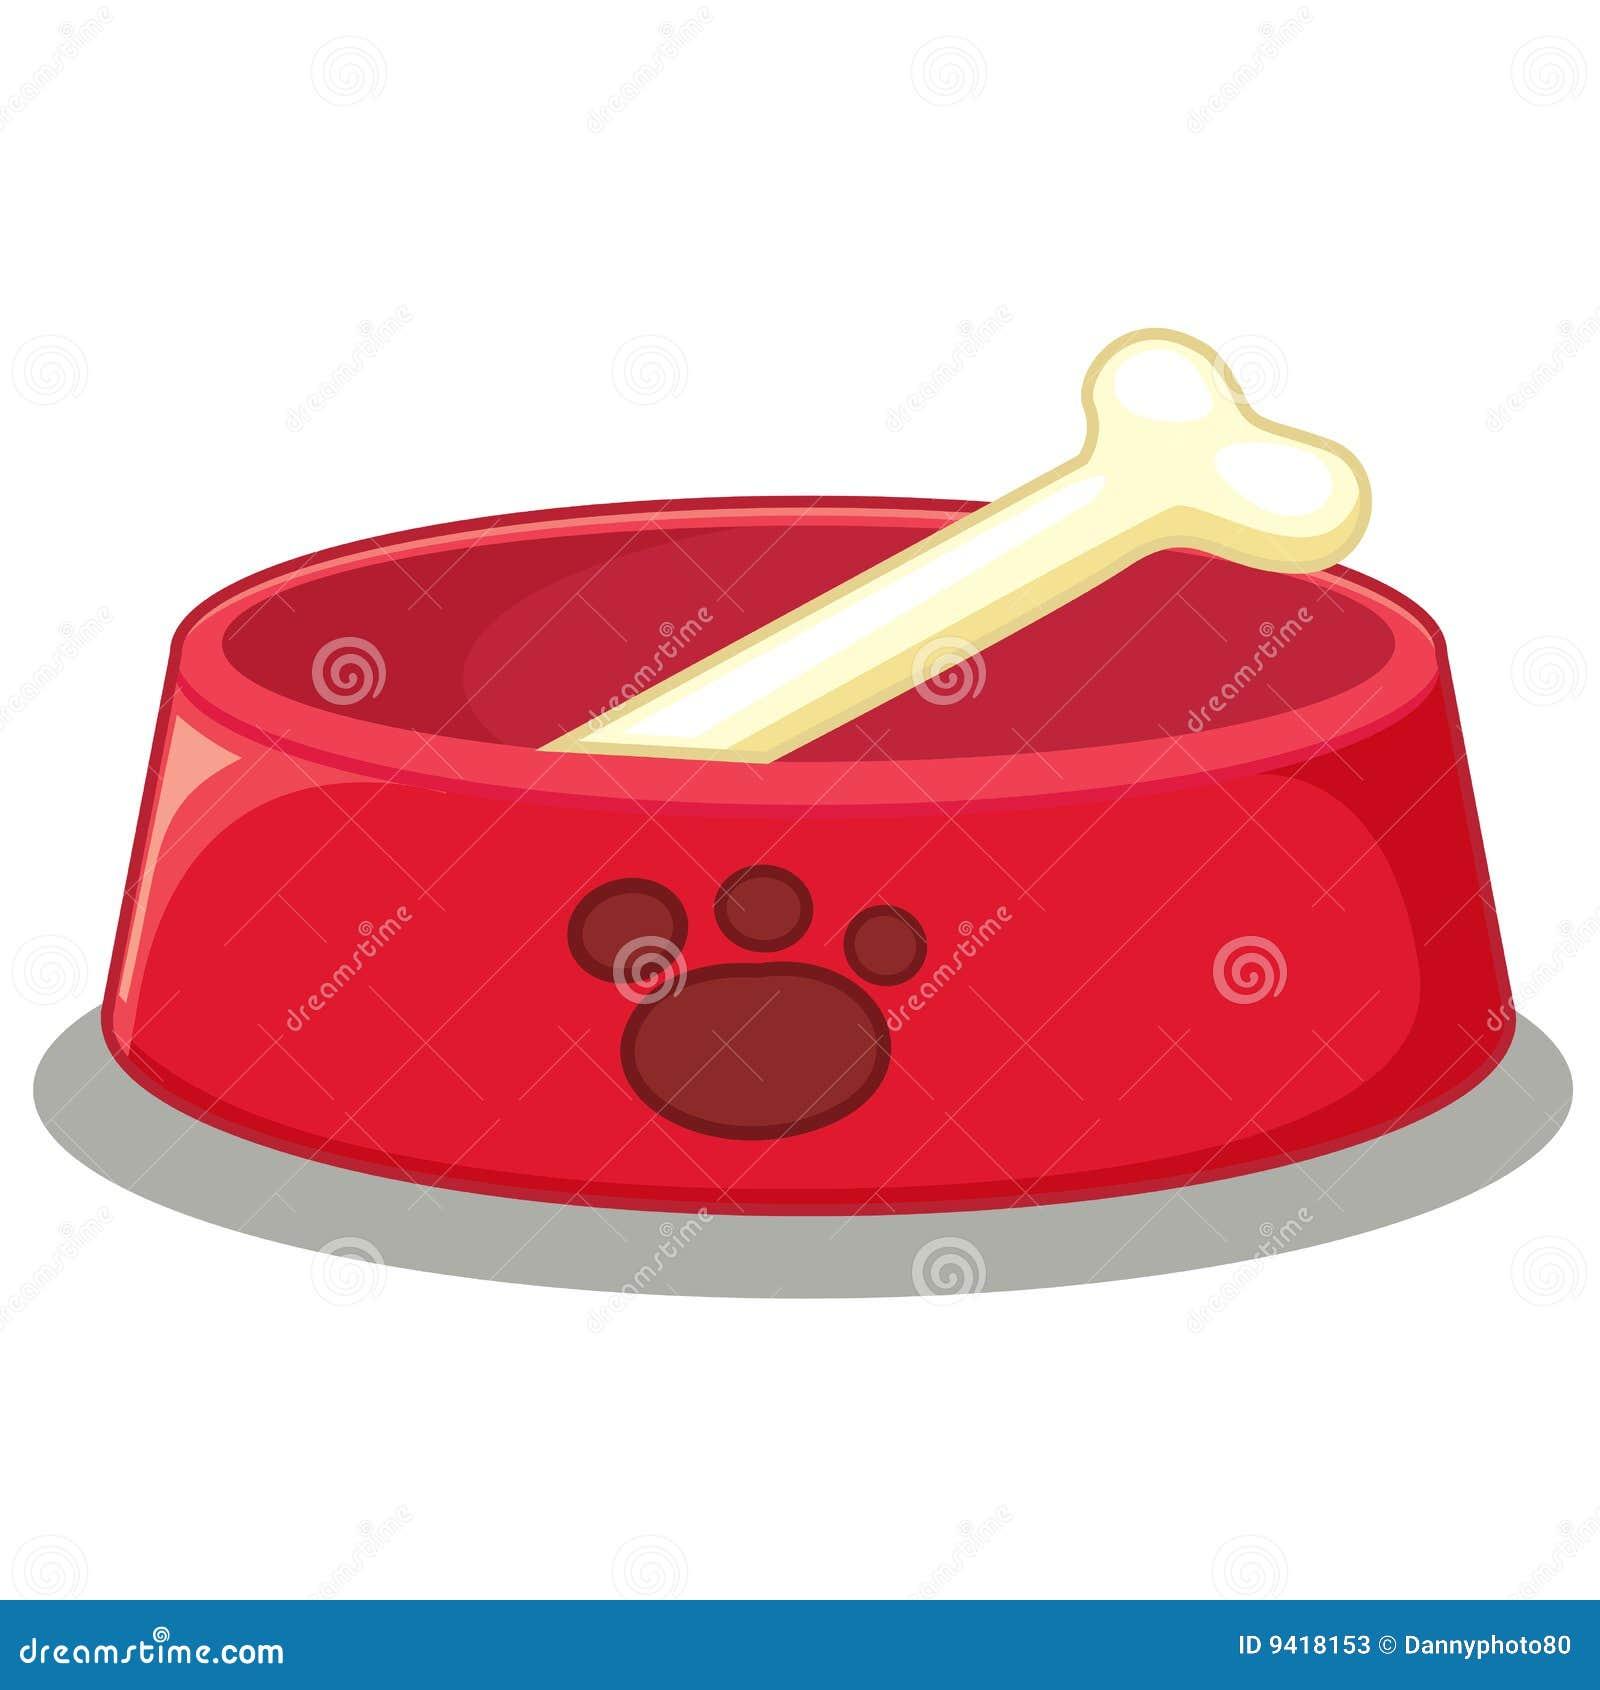 Dog Food Dish Vector Art